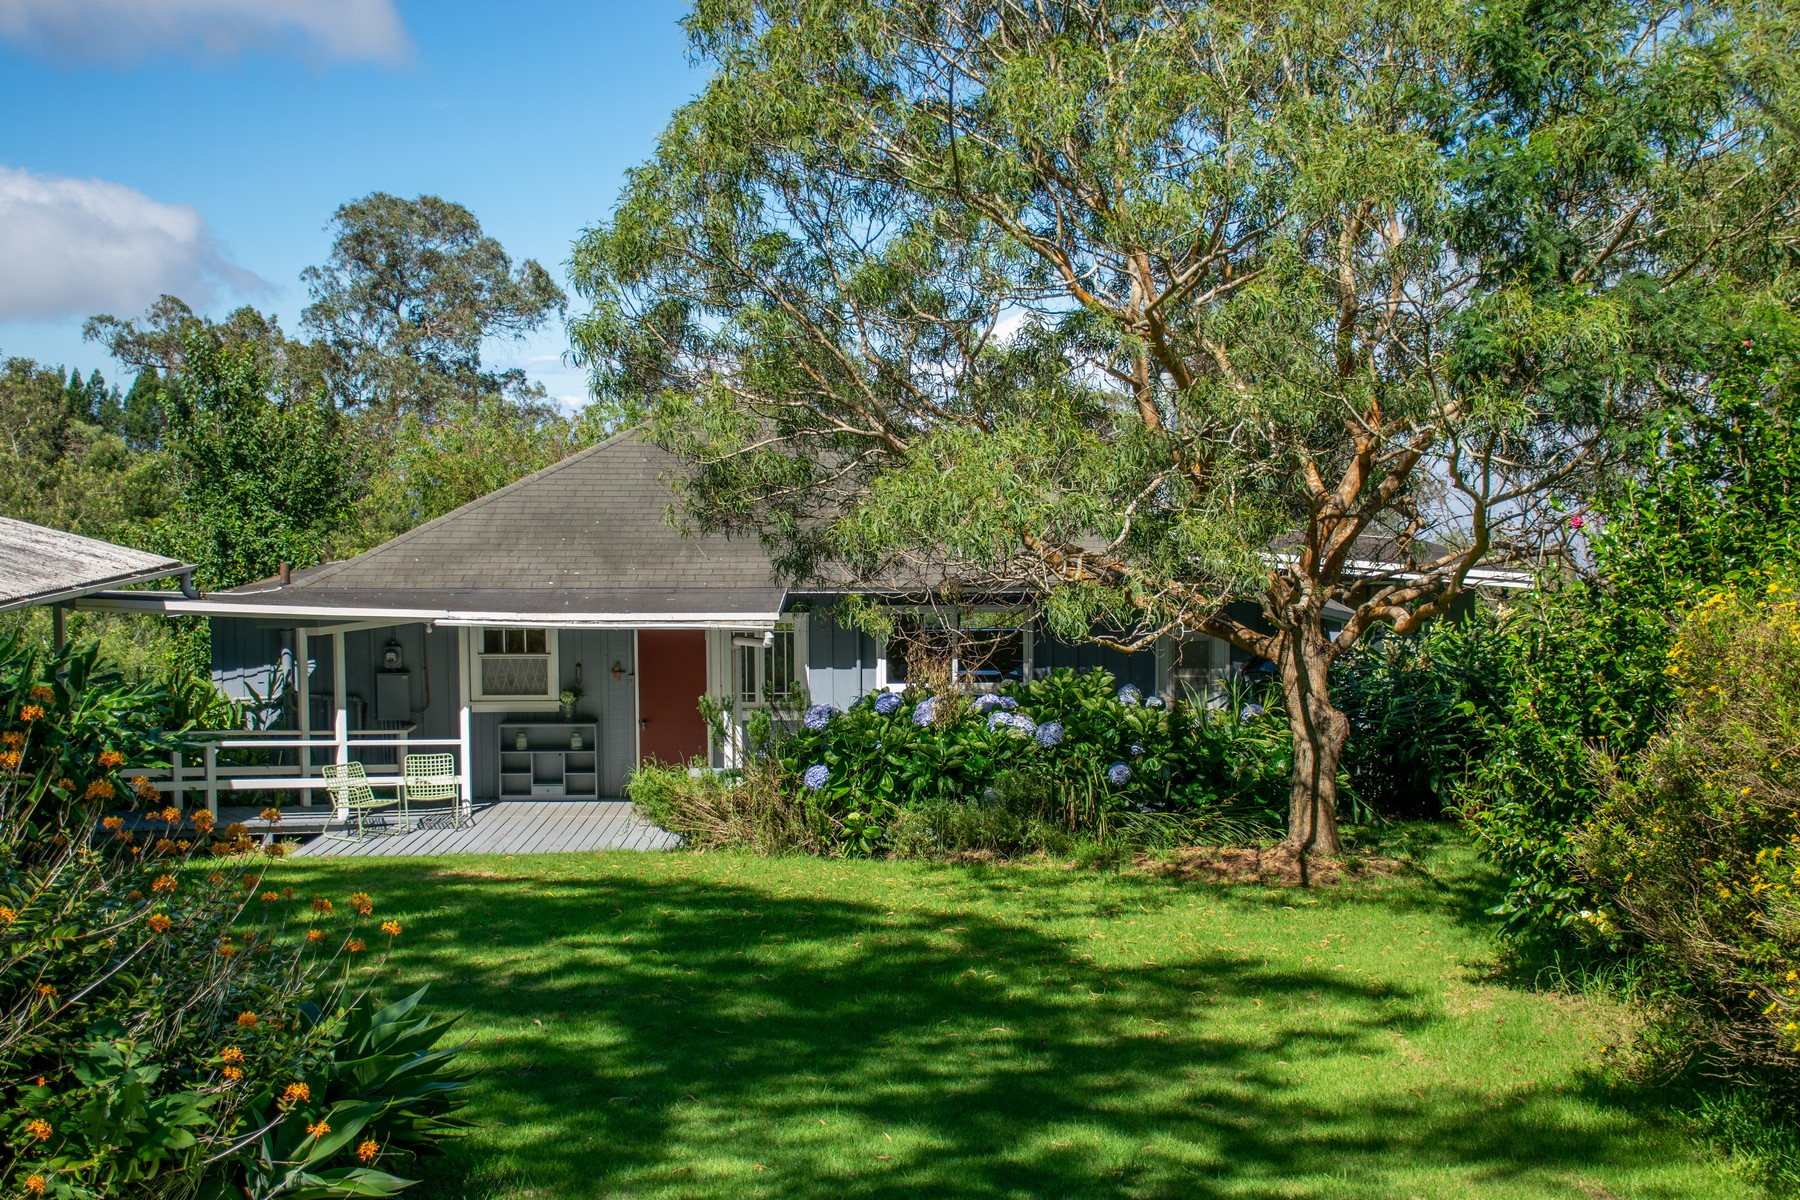 農場 / 牧場 / 種植場 為 出售 在 Charming Vintage Cottage on 8 plus acres in Kula 0 Cooke Road Kula, 夏威夷 96790 美國